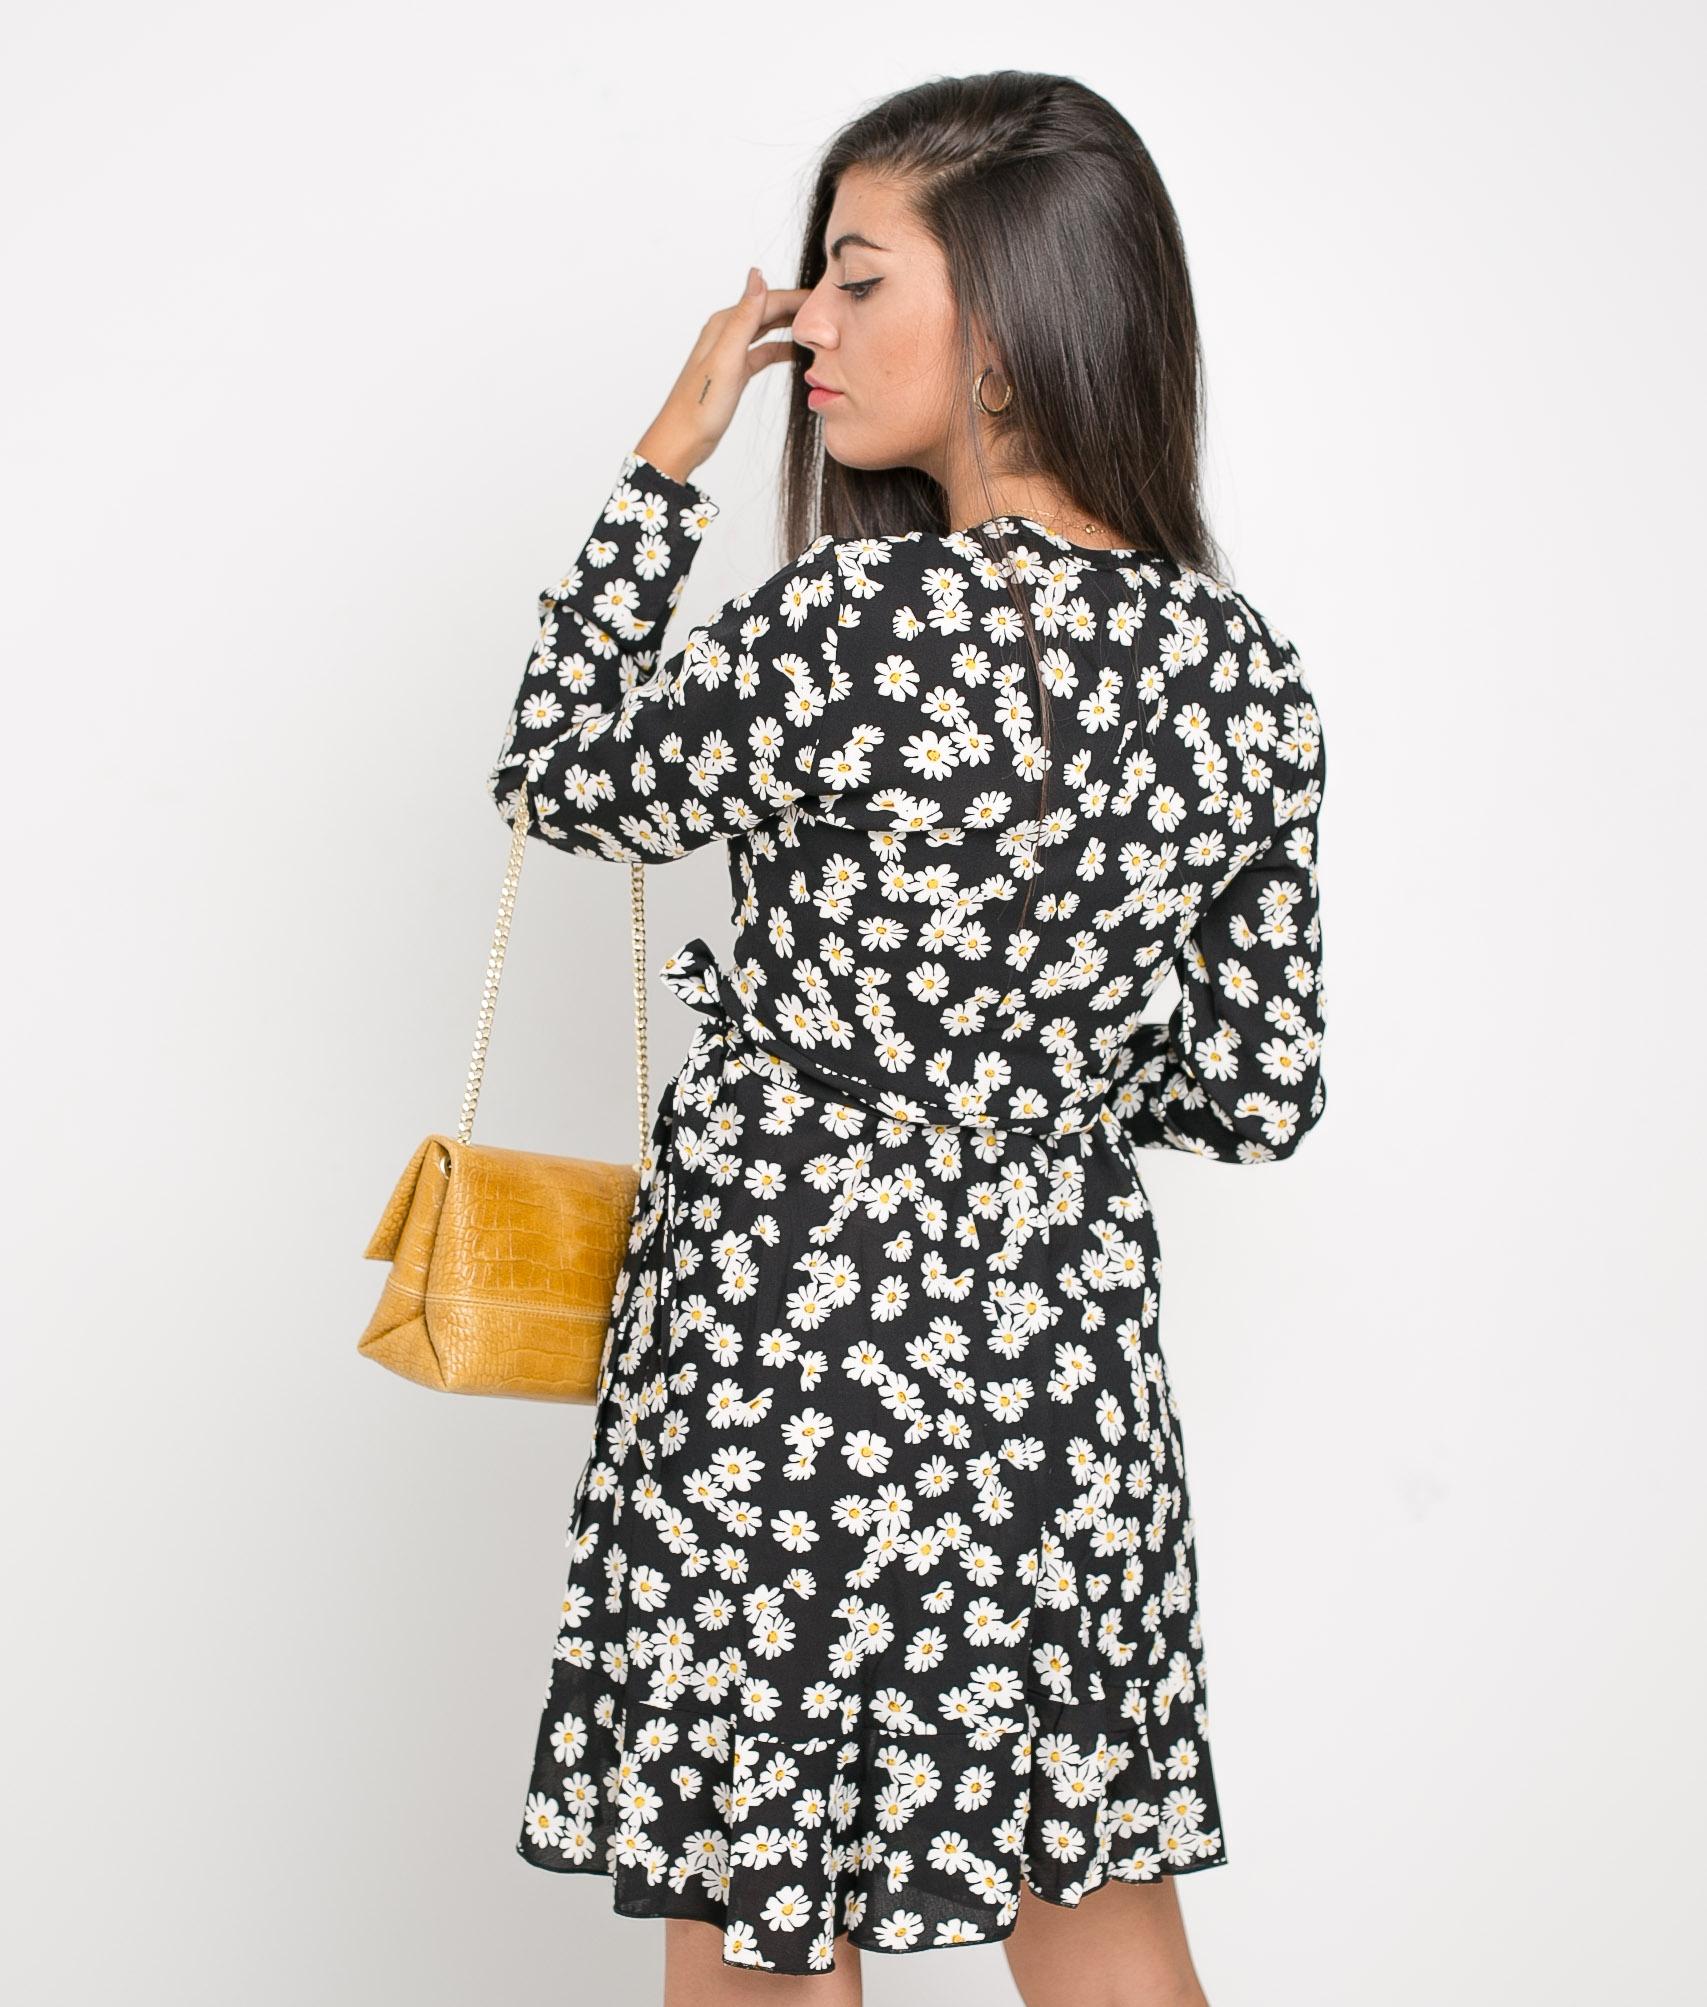 DRESS TAMIRA - BLACK